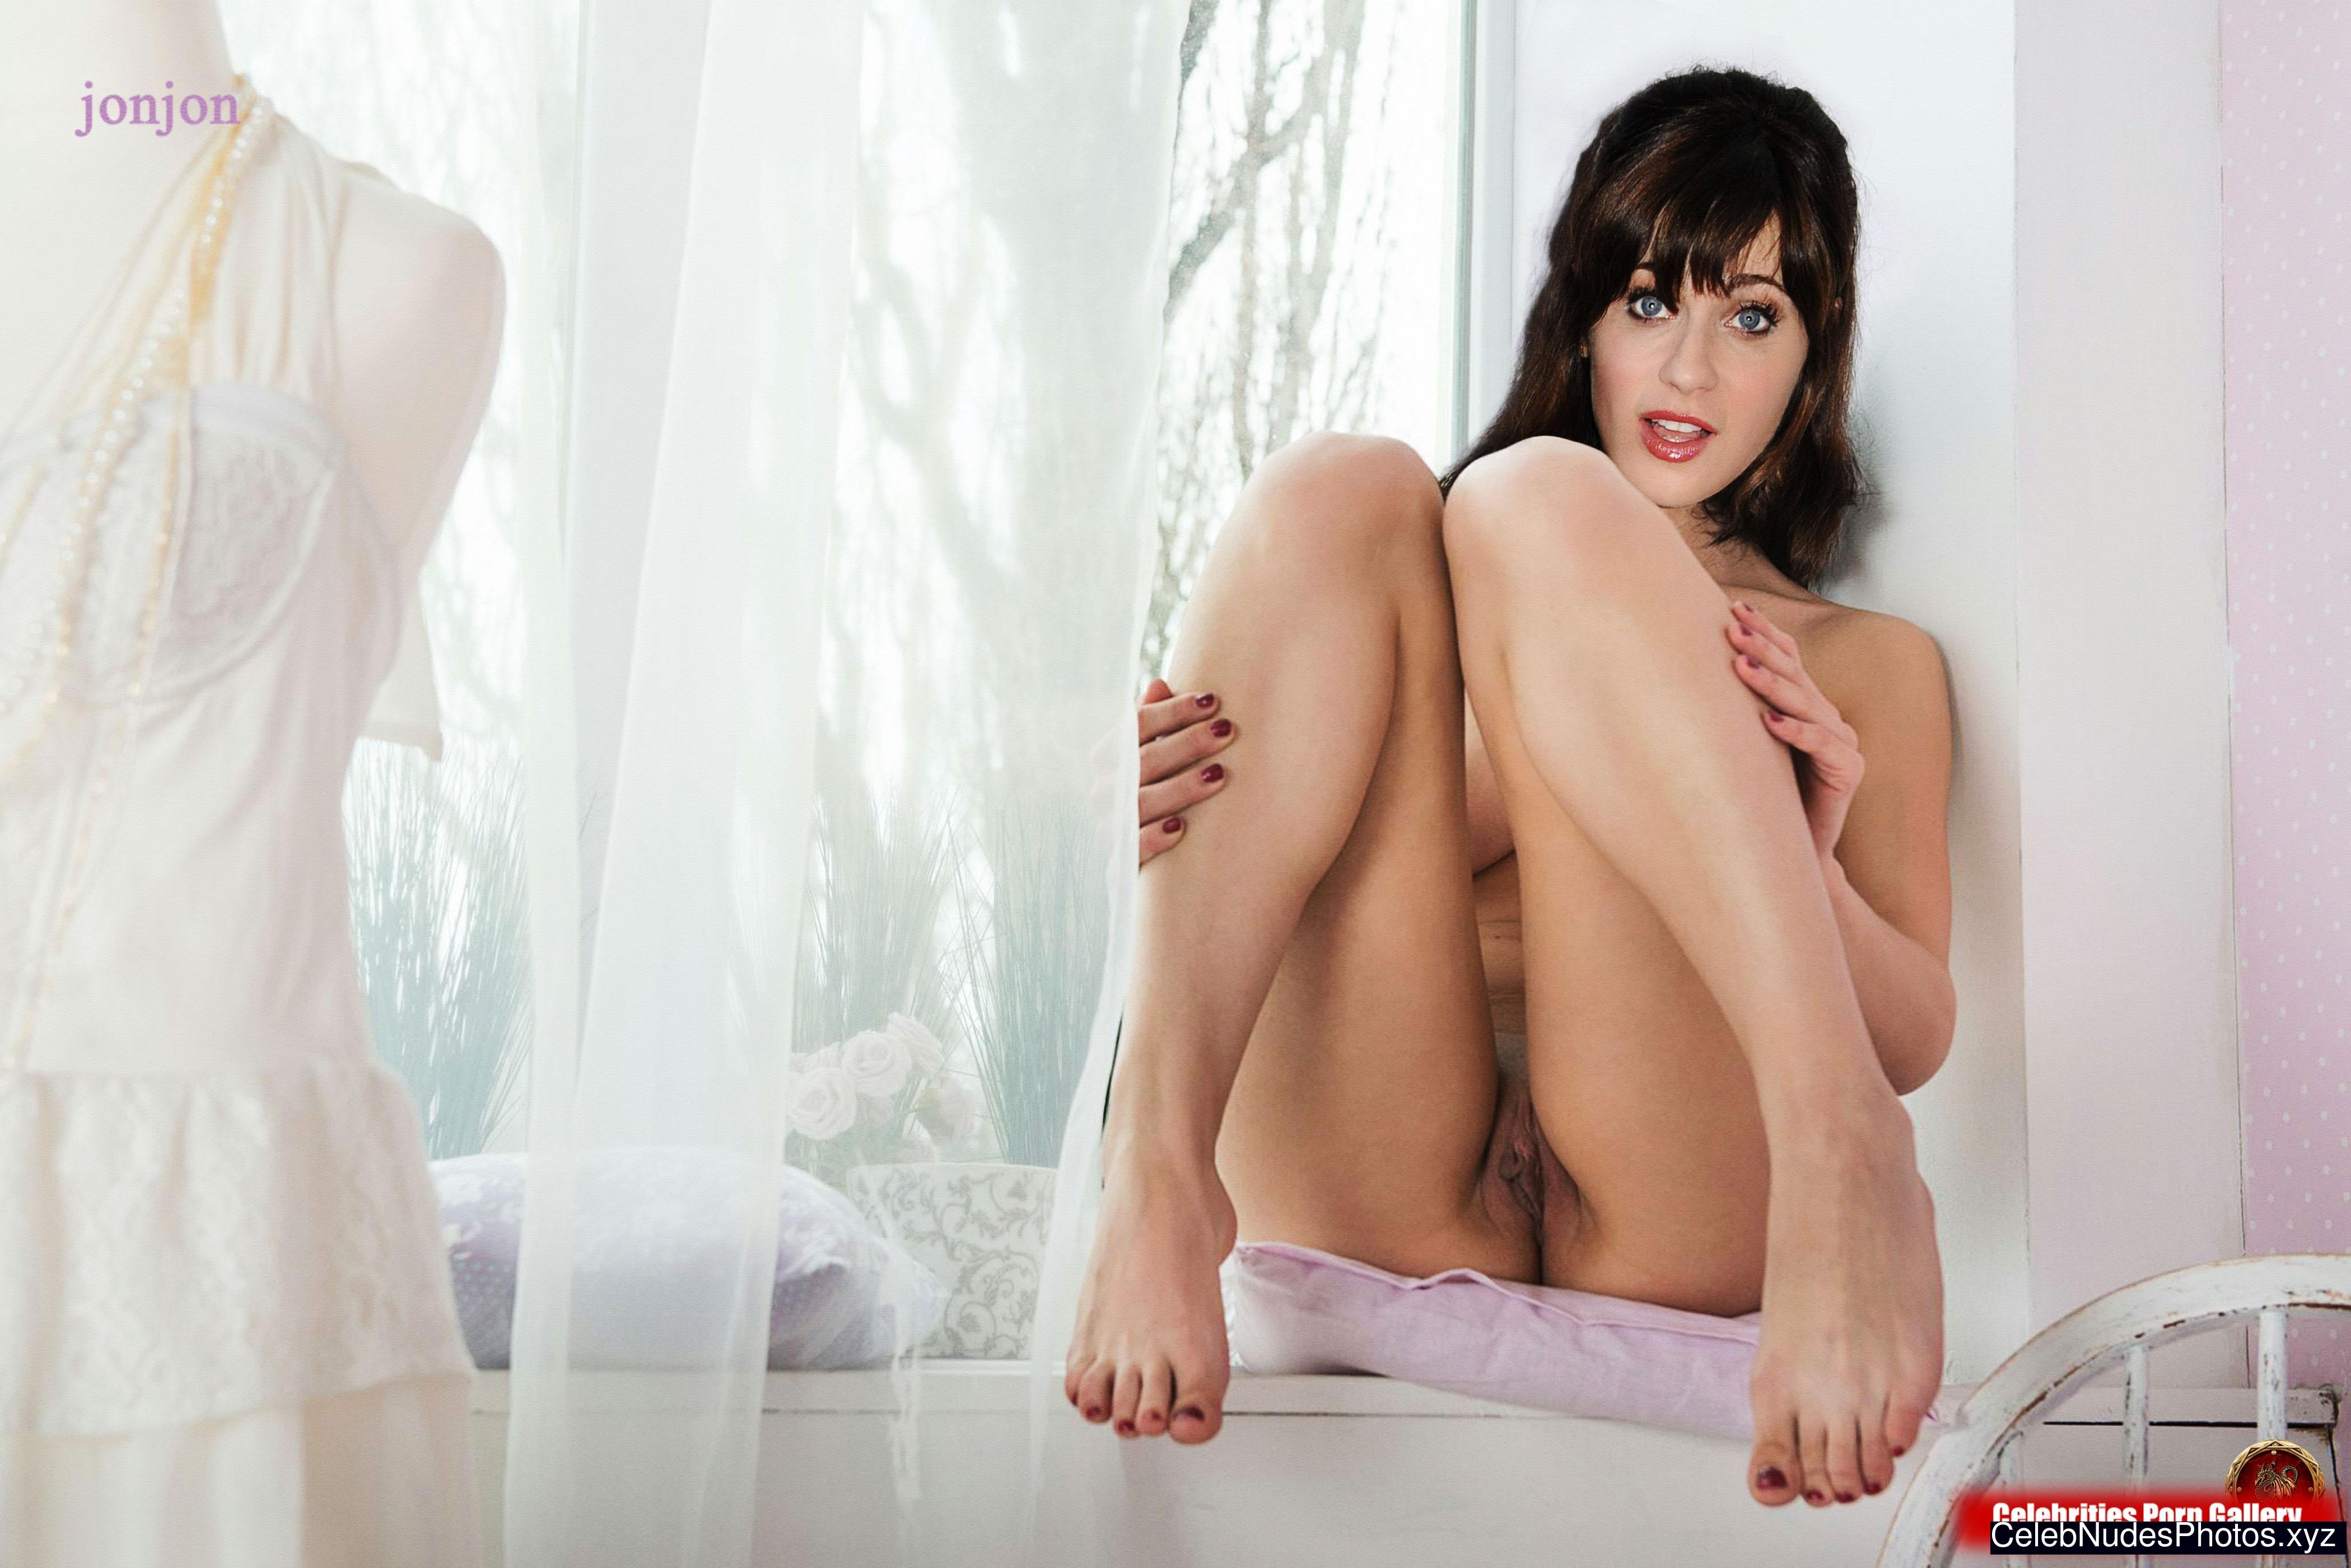 Zooey deschanel nude xxx